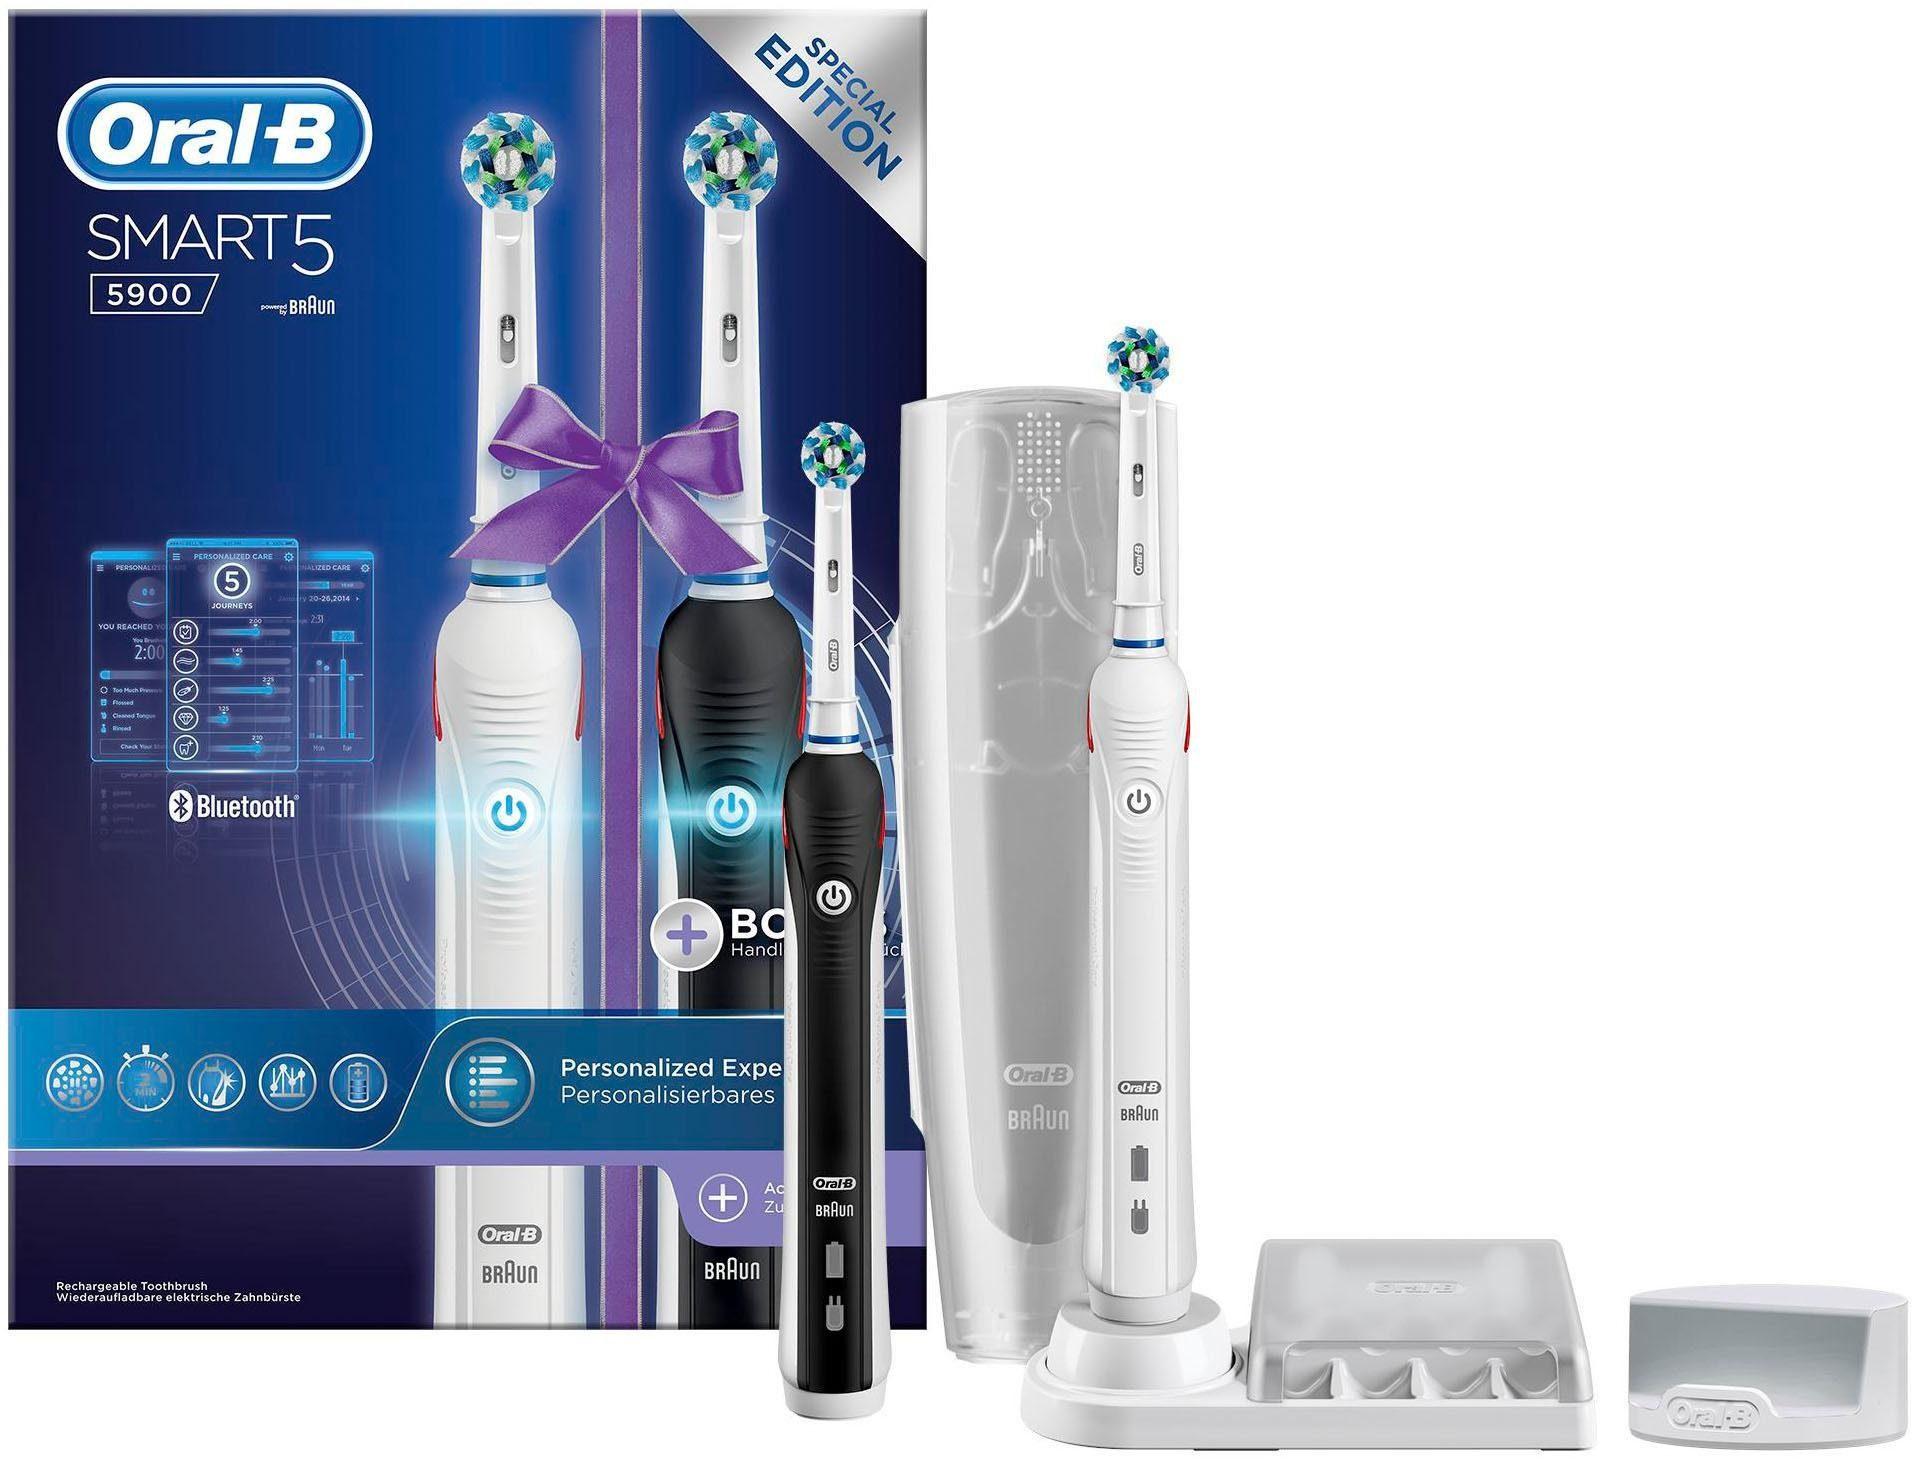 Oral-B Elektrische Zahnbürste Smart 5 5900, Powered By Braun, Duopack (2 Handstücke)